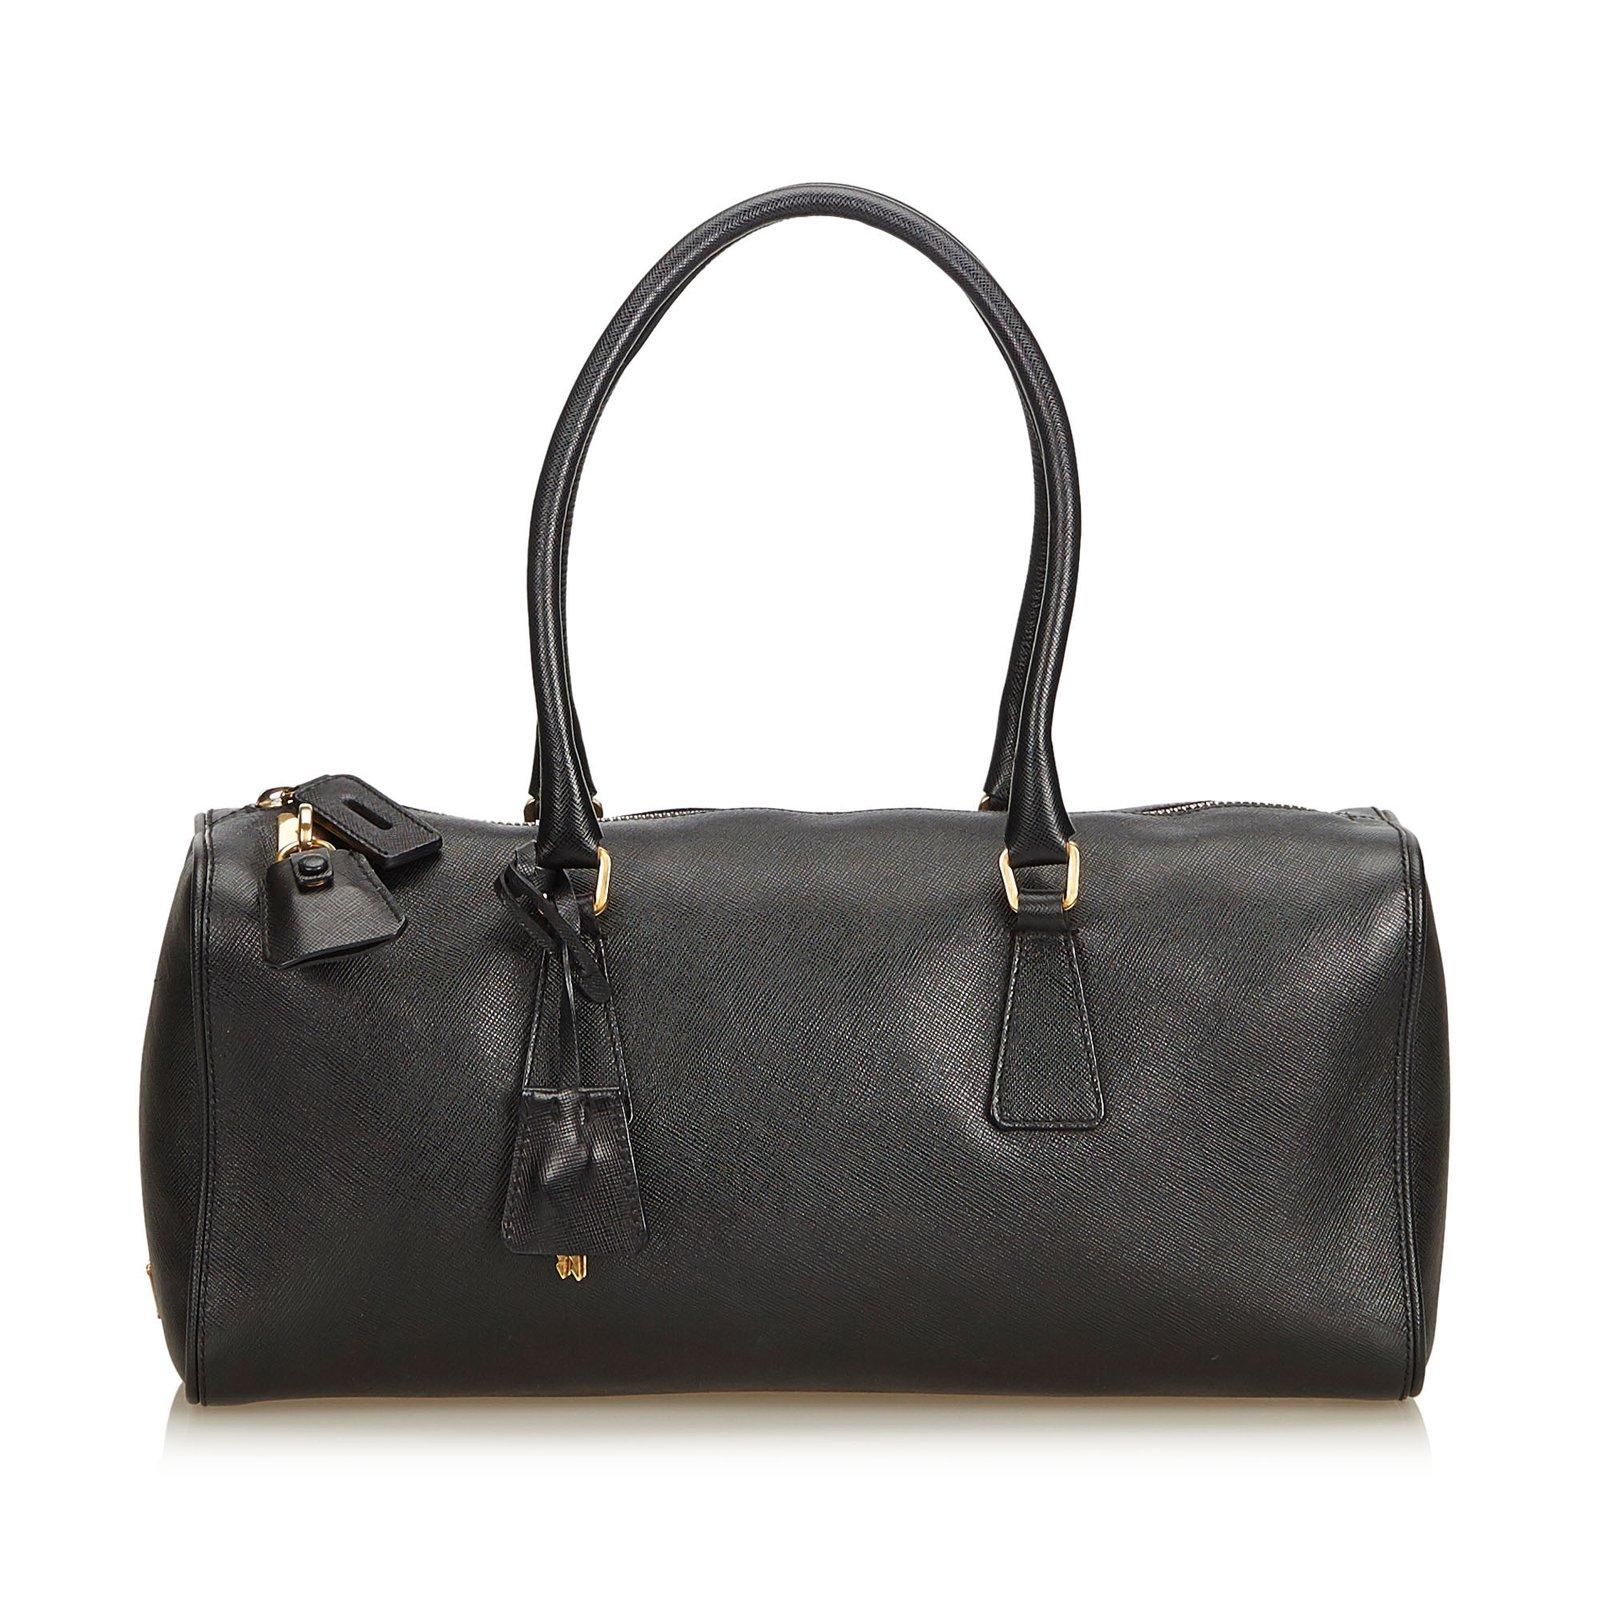 Prada Saffiano Leather Shoulder Bag Handbags Leather 5dc7a76c62c73